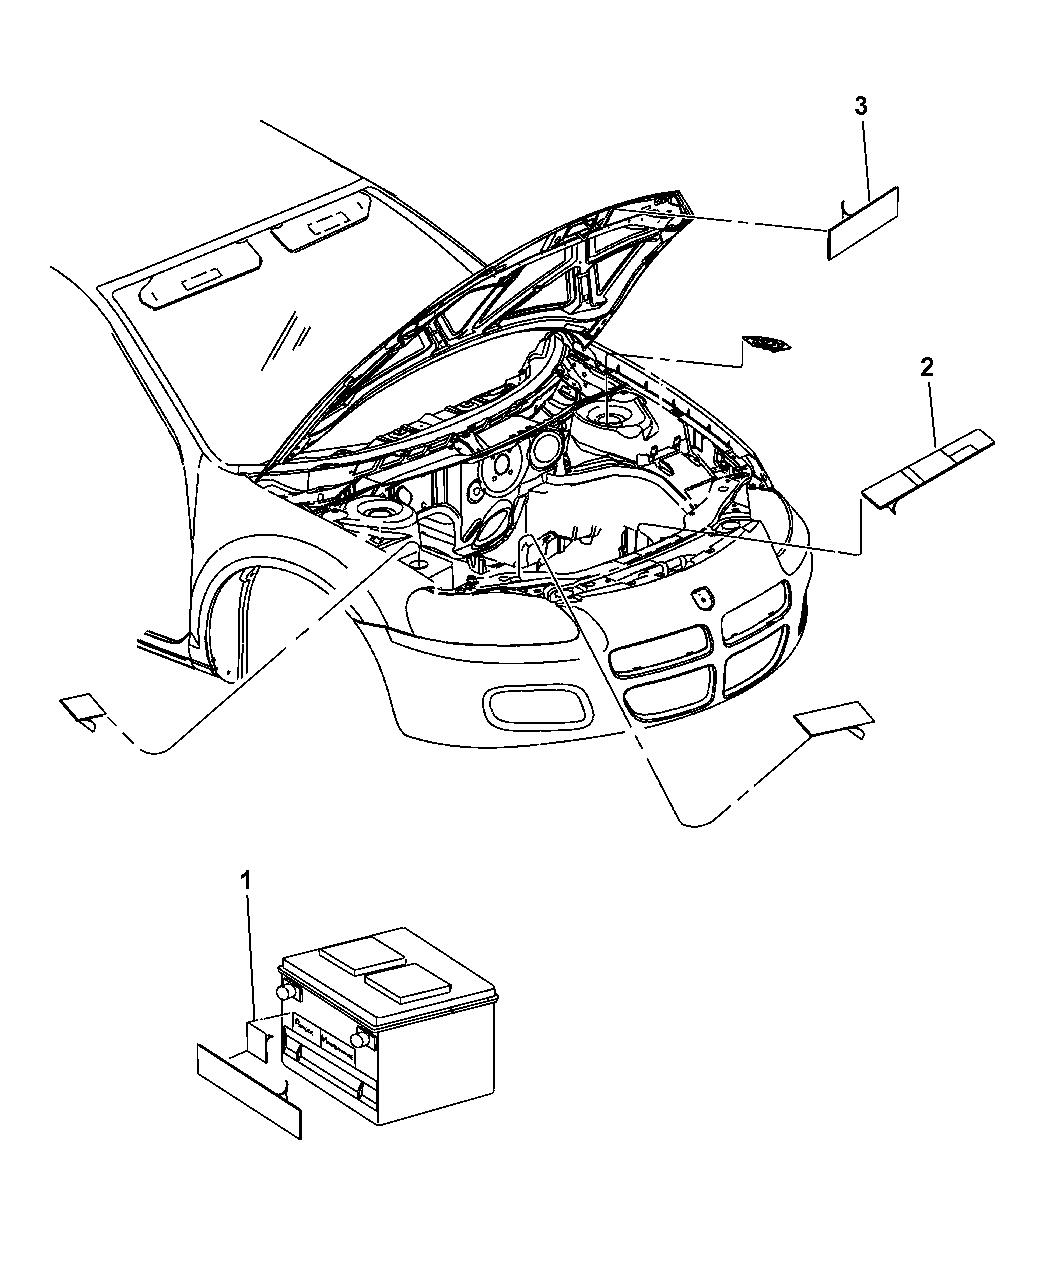 2008 Dodge Avenger Engine Compartt - Mopar Parts Giant